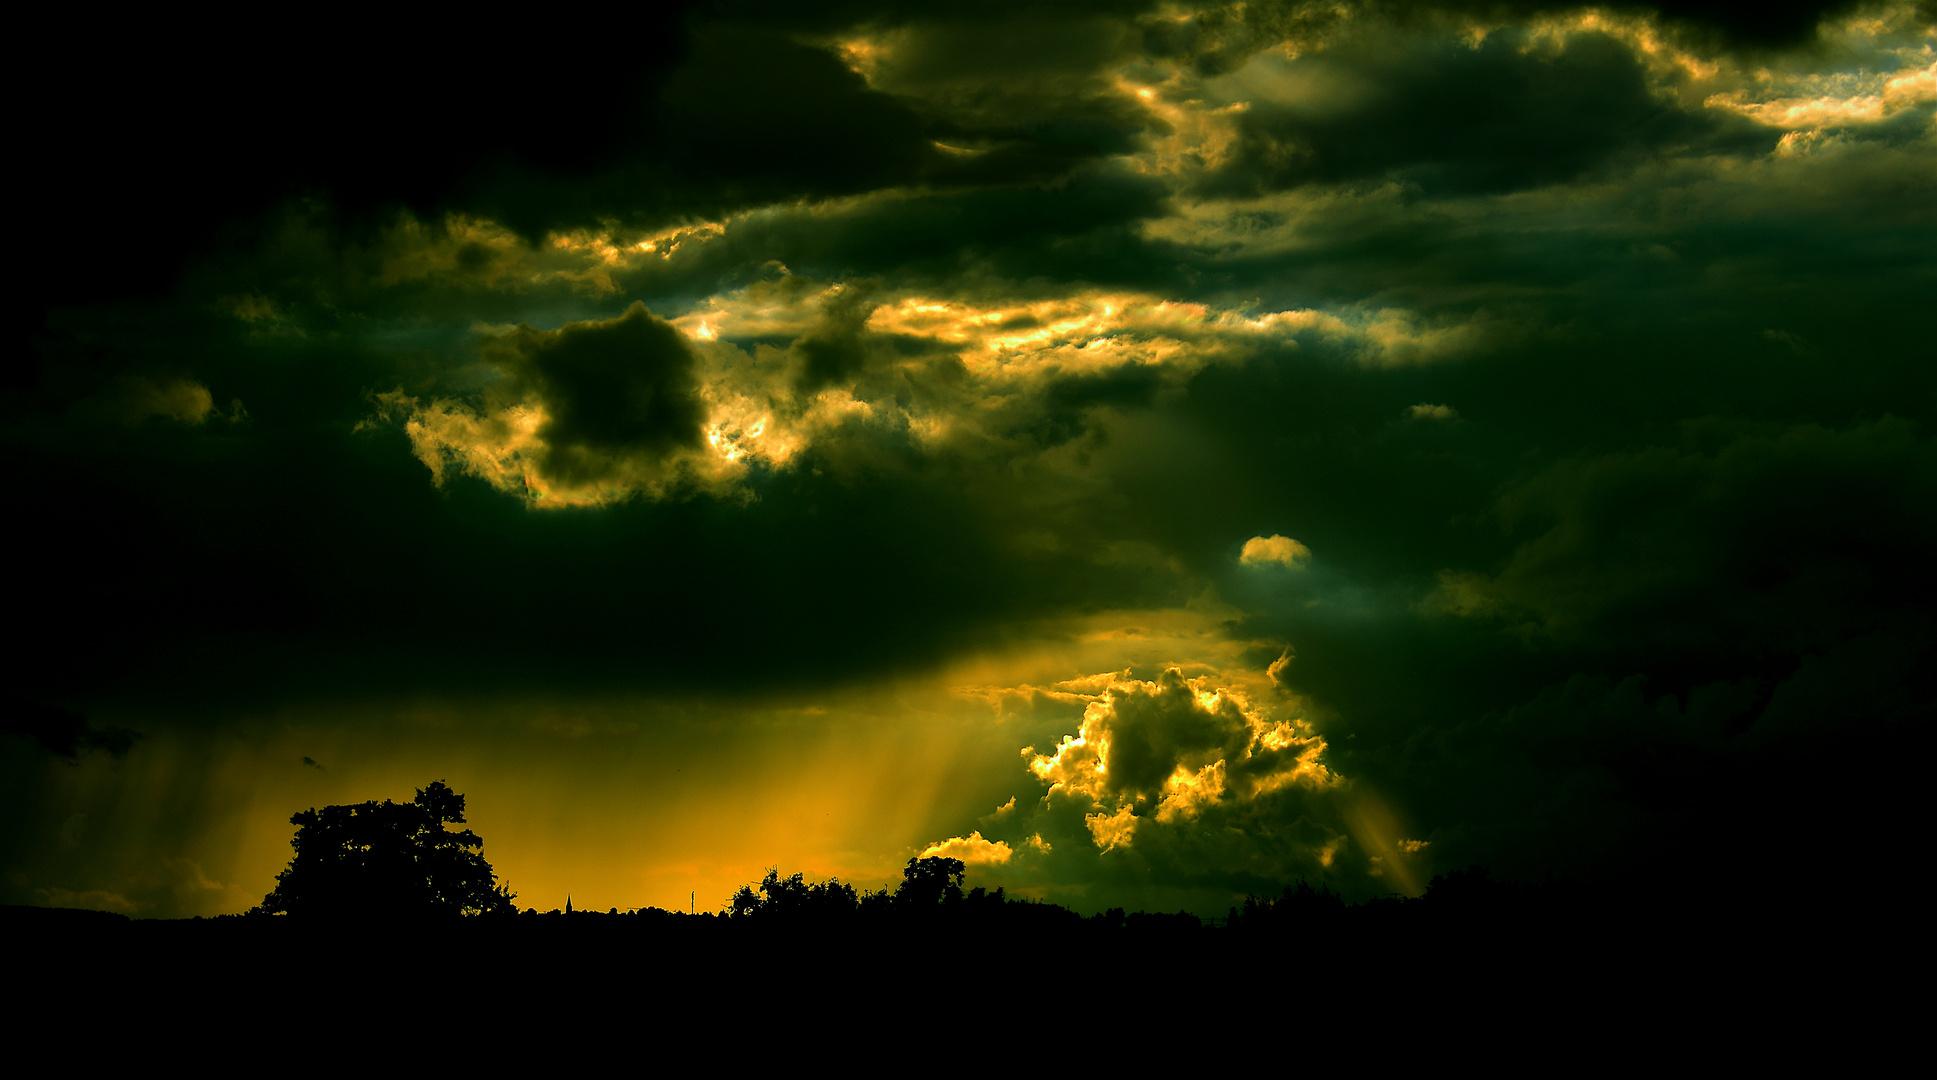 Wolkensymphonie 01